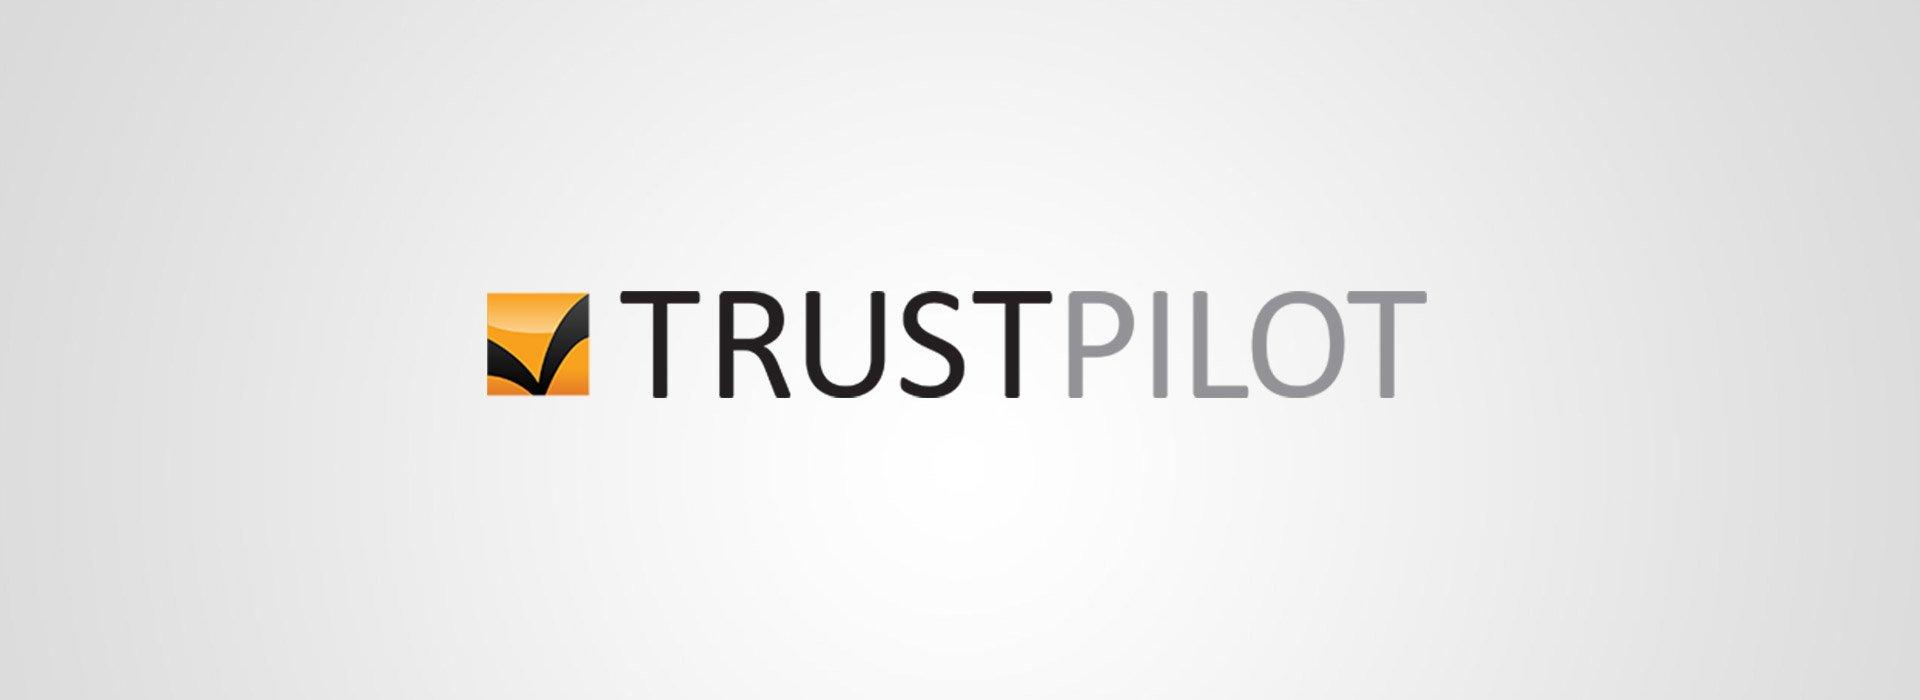 trustedpilot